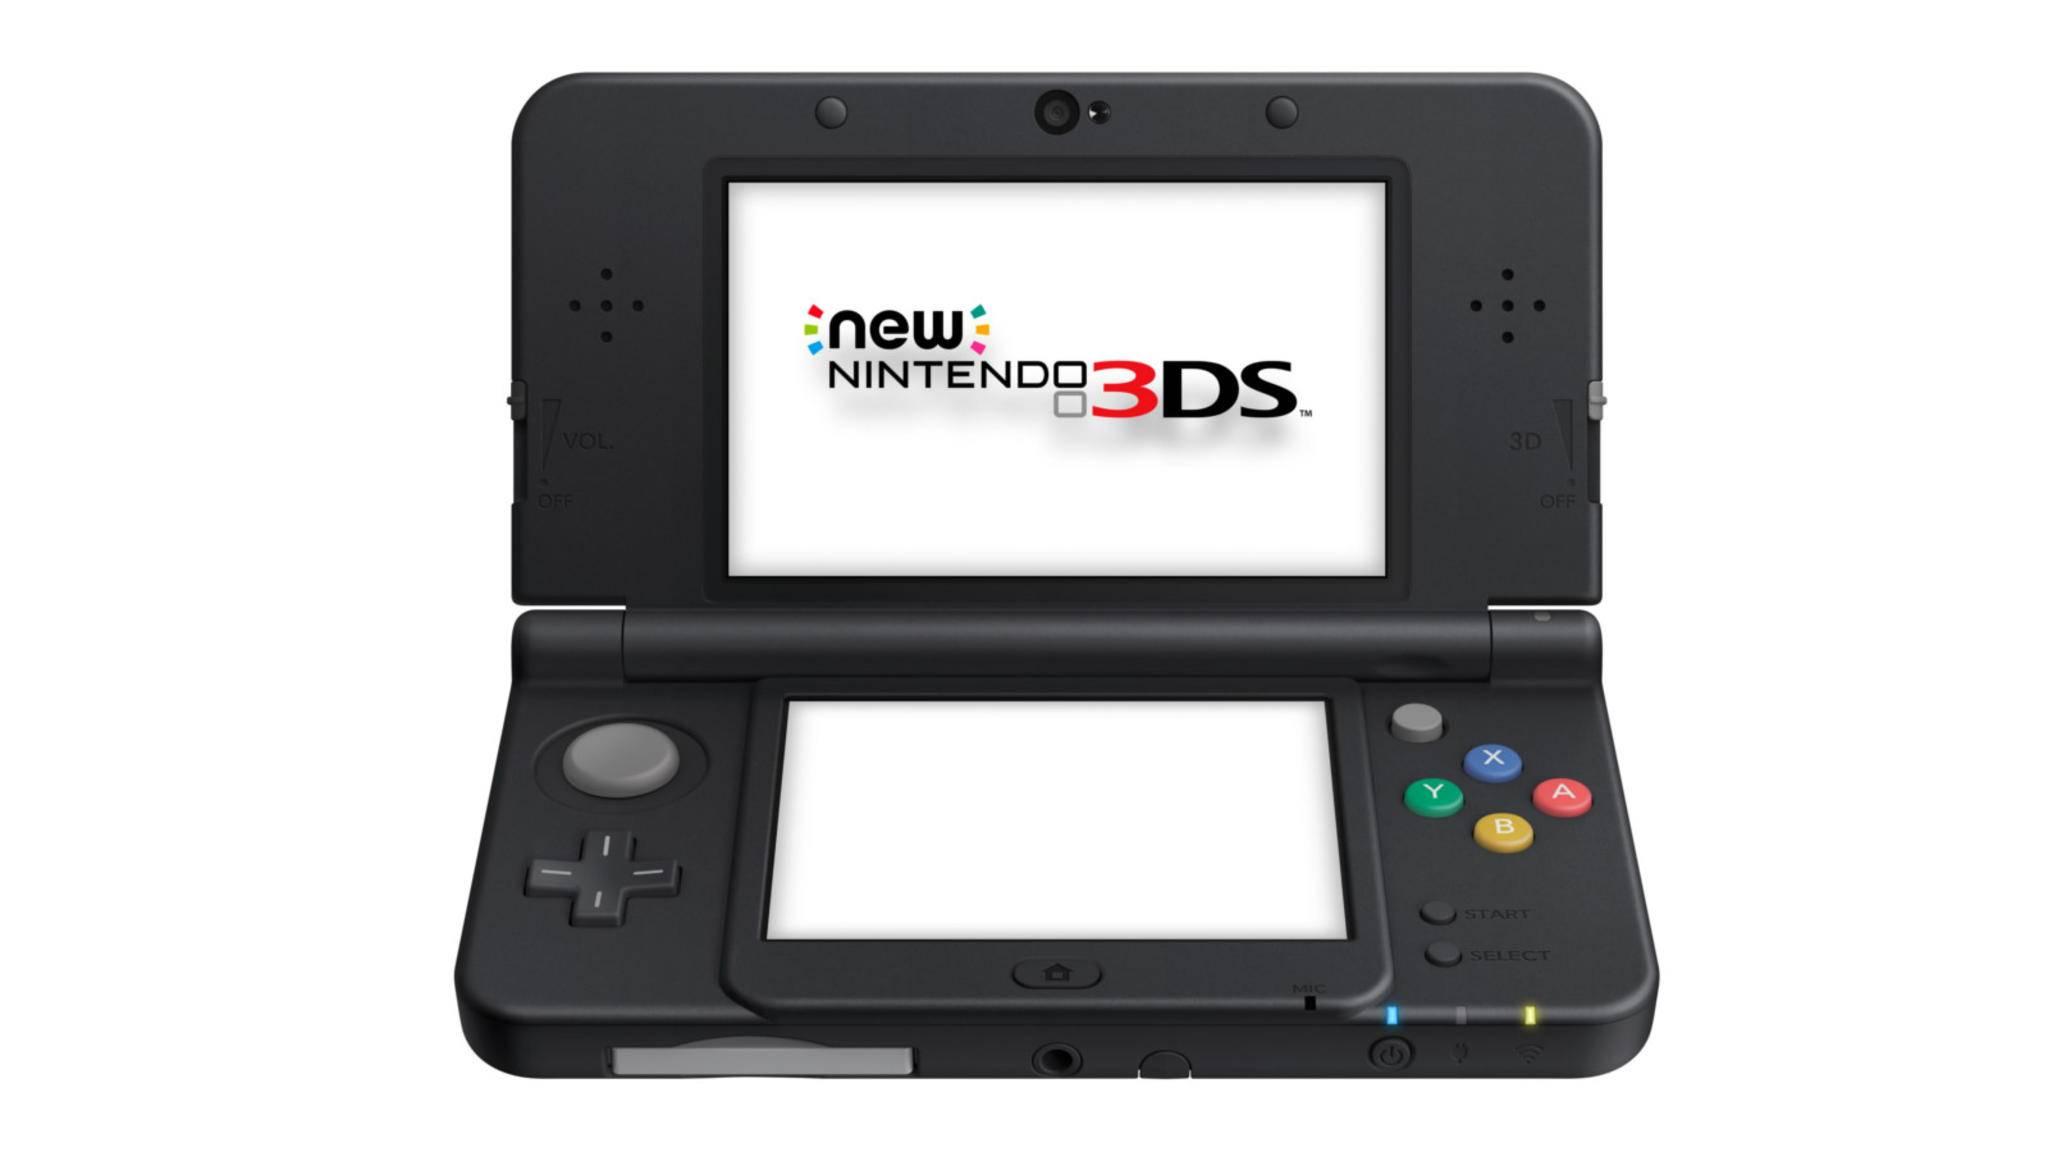 Noch bleibt uns die 3DS-Familie wohl erhalten ...